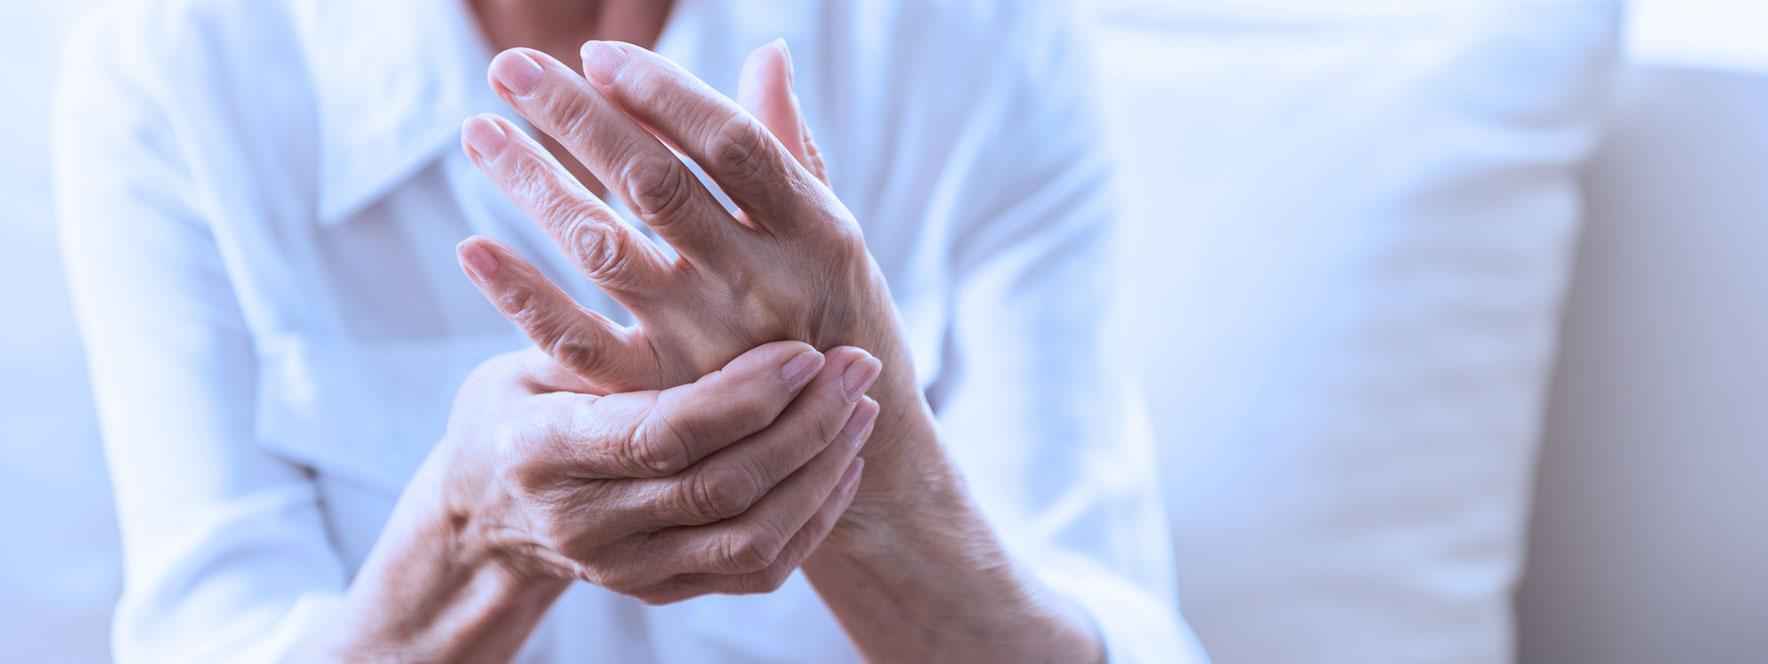 Soulager l'arthrite par la massothérapie - Blogue du Réseau